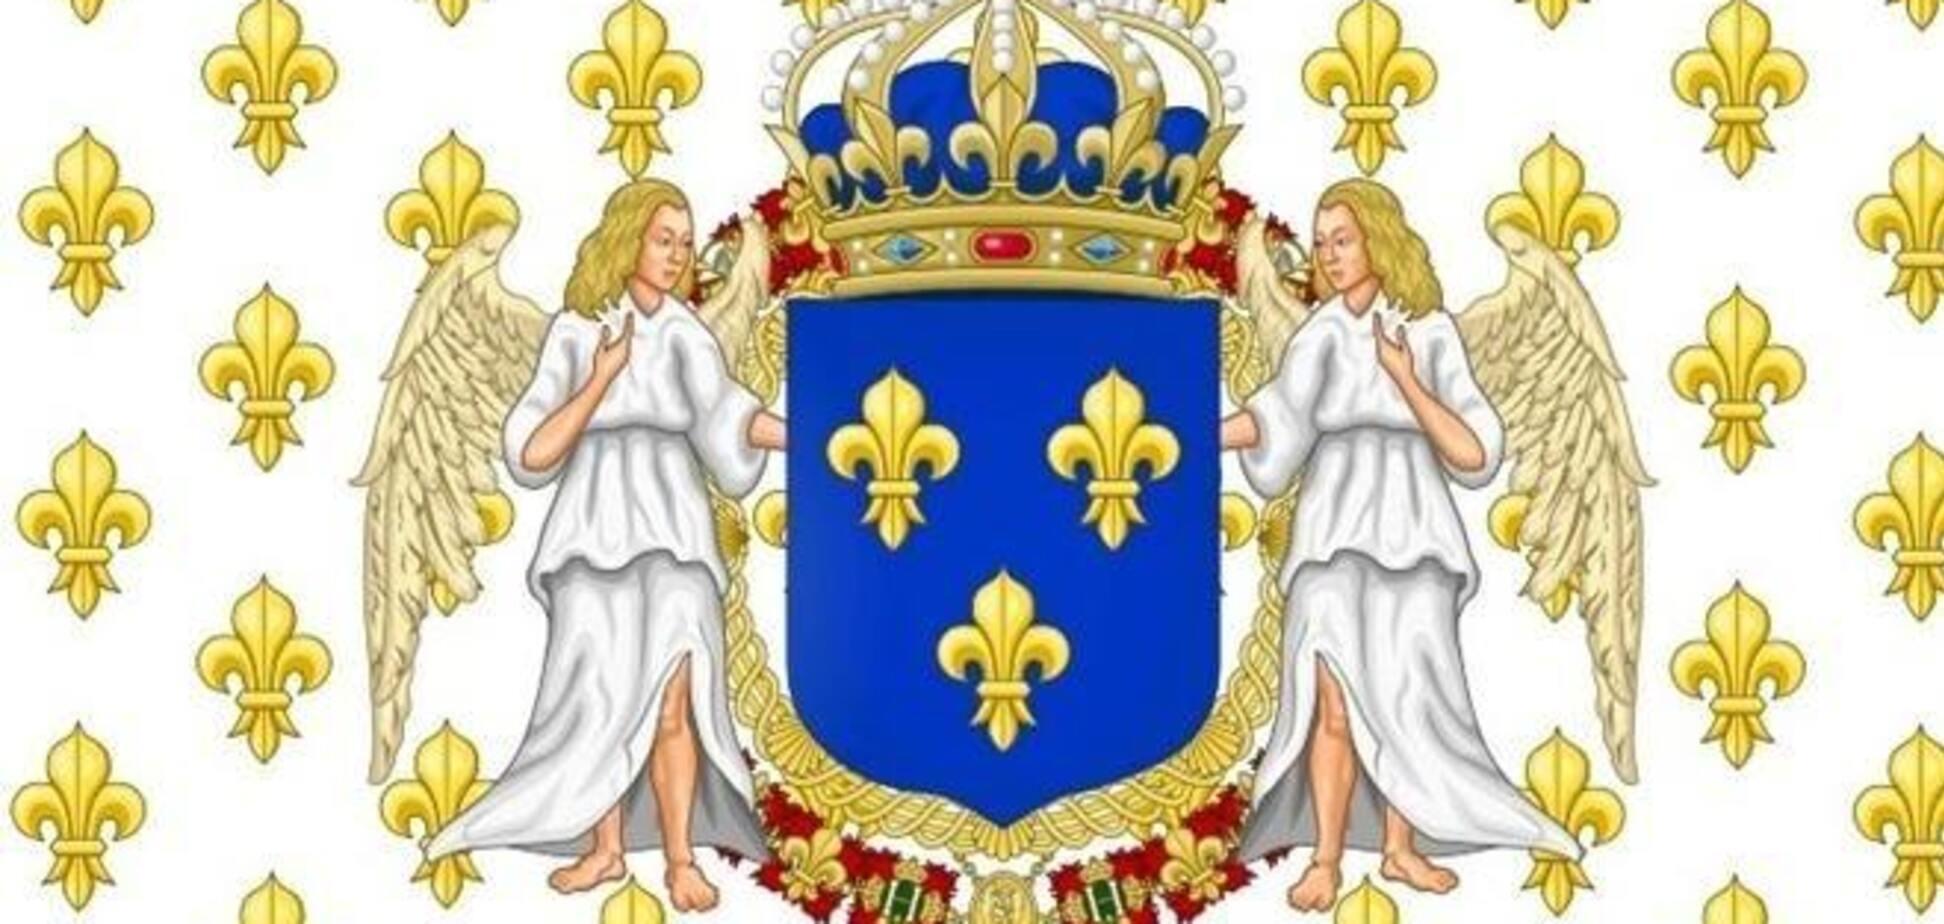 Останки французских монархов оказались фальшивыми – ученые